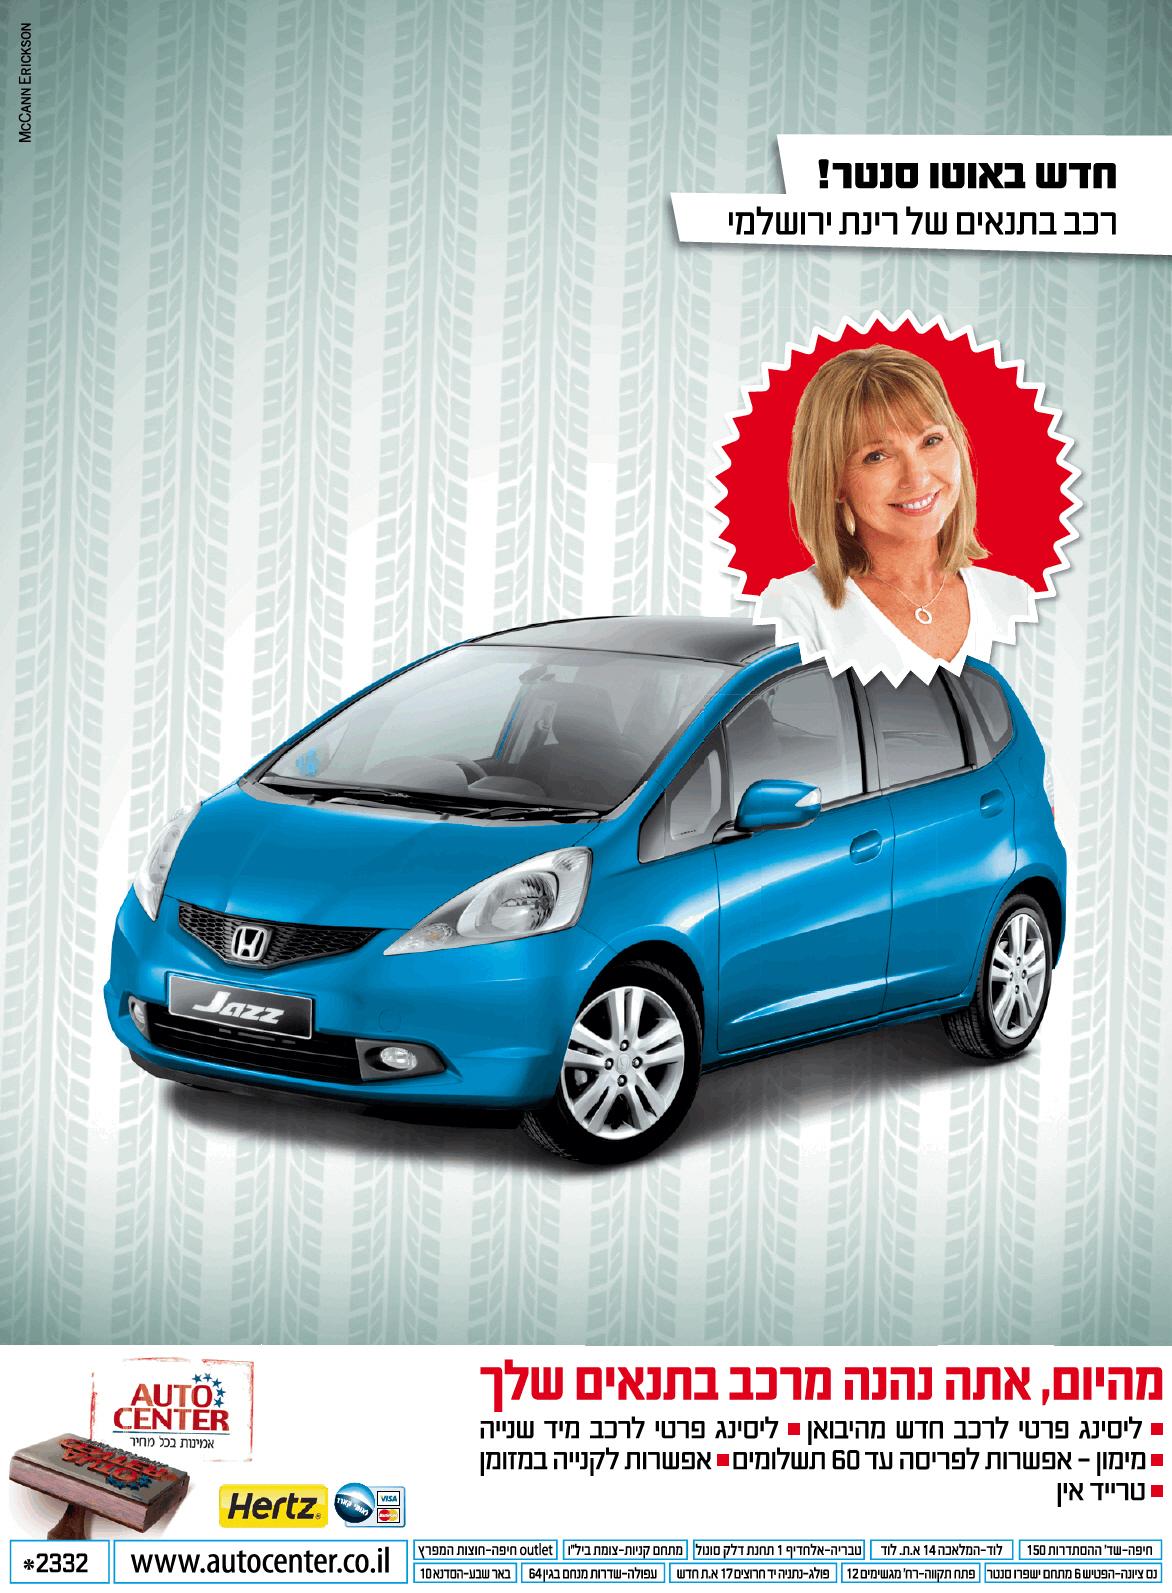 חדש באוטו סנטר: רכב בתנאים של רינת ירושלמי